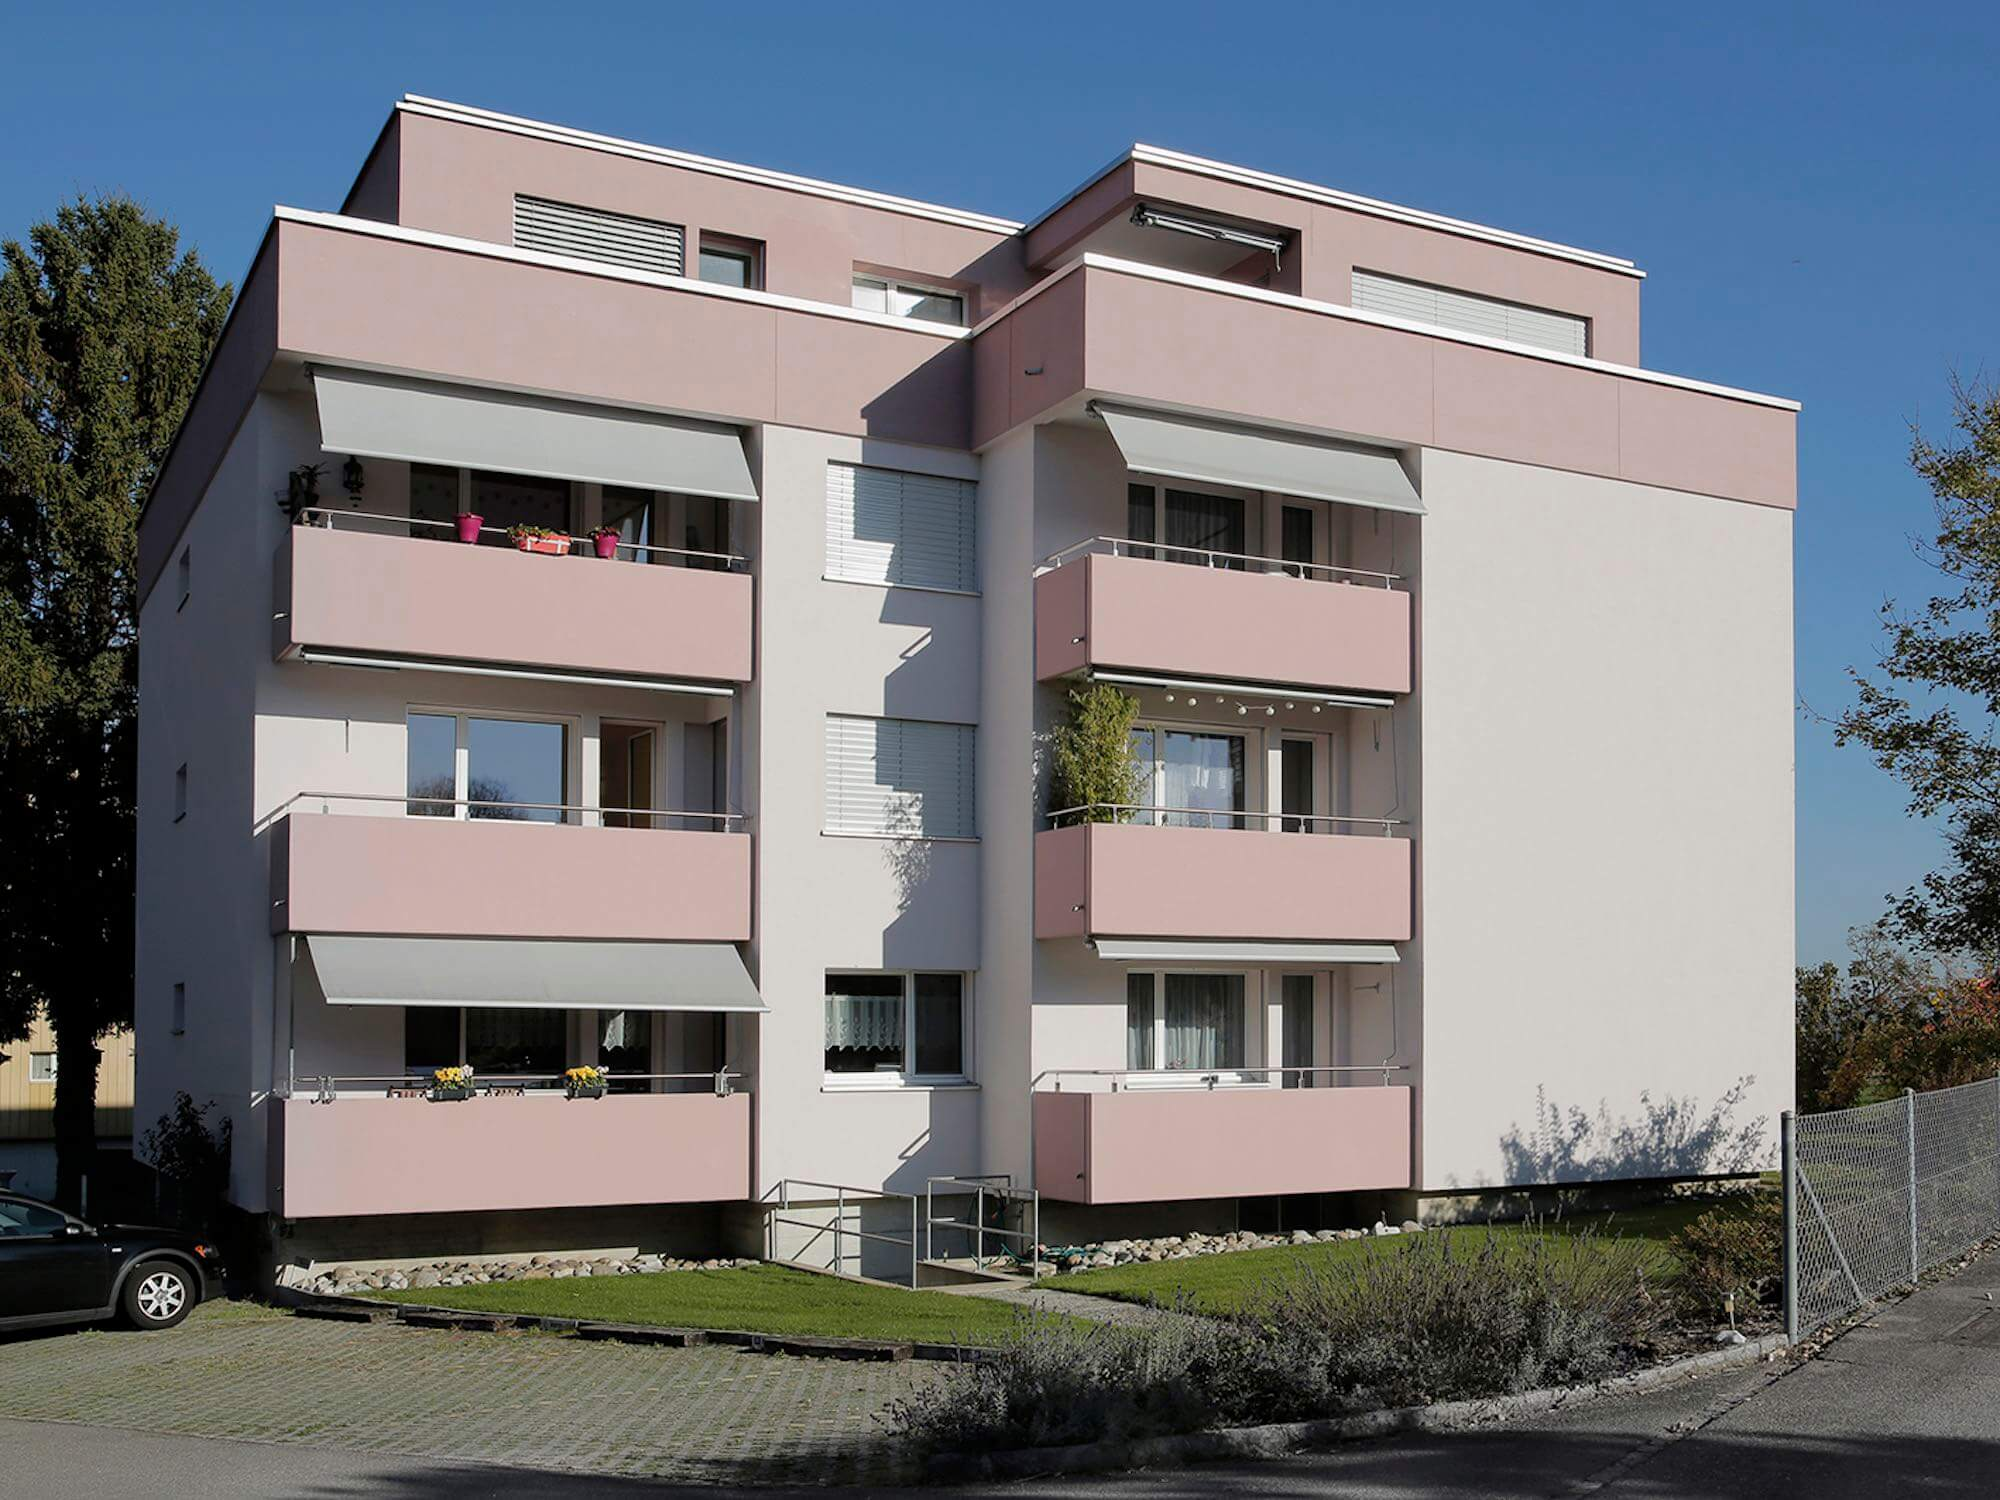 Fassadenisolation durch die Viktor Wyss AG in Flumenthal, Solothurn